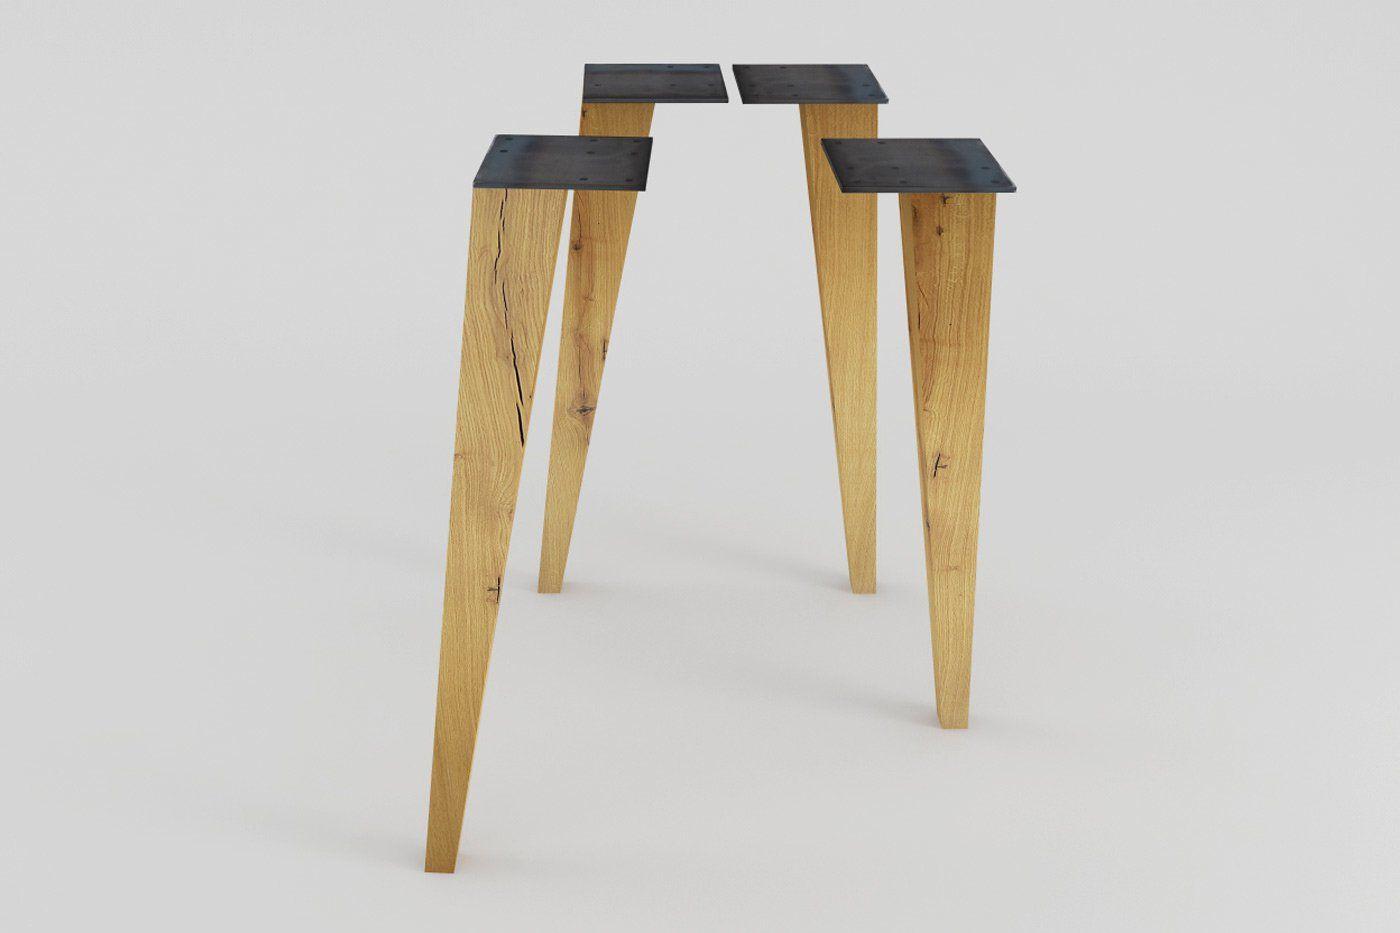 Tischbeine Holz Ikea : tischbeine holz konisch rana eiche 4er set haus in 2019 tischbeine holz tischbeine und ~ Watch28wear.com Haus und Dekorationen